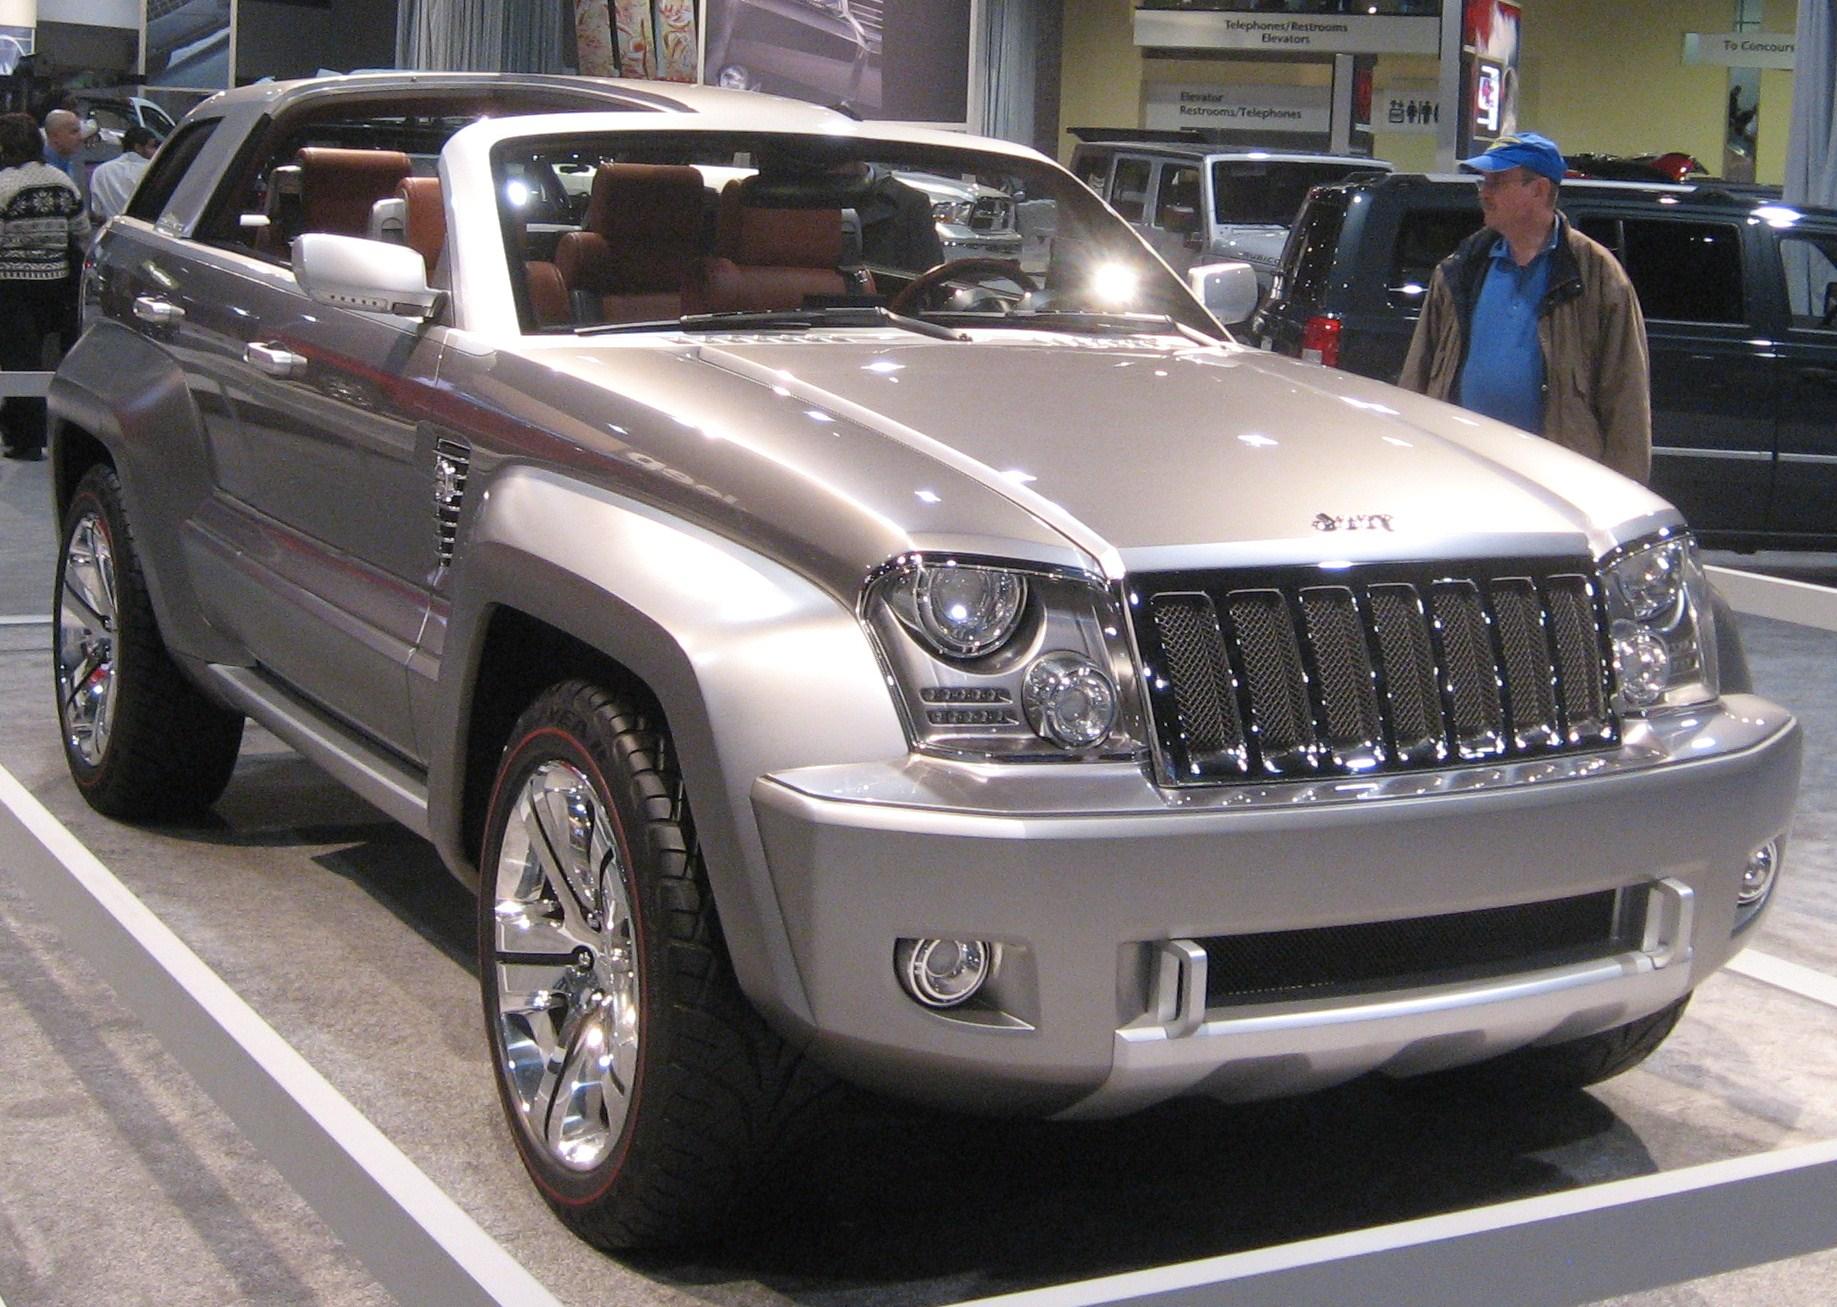 Jeep_Trailhawk_concept_DC